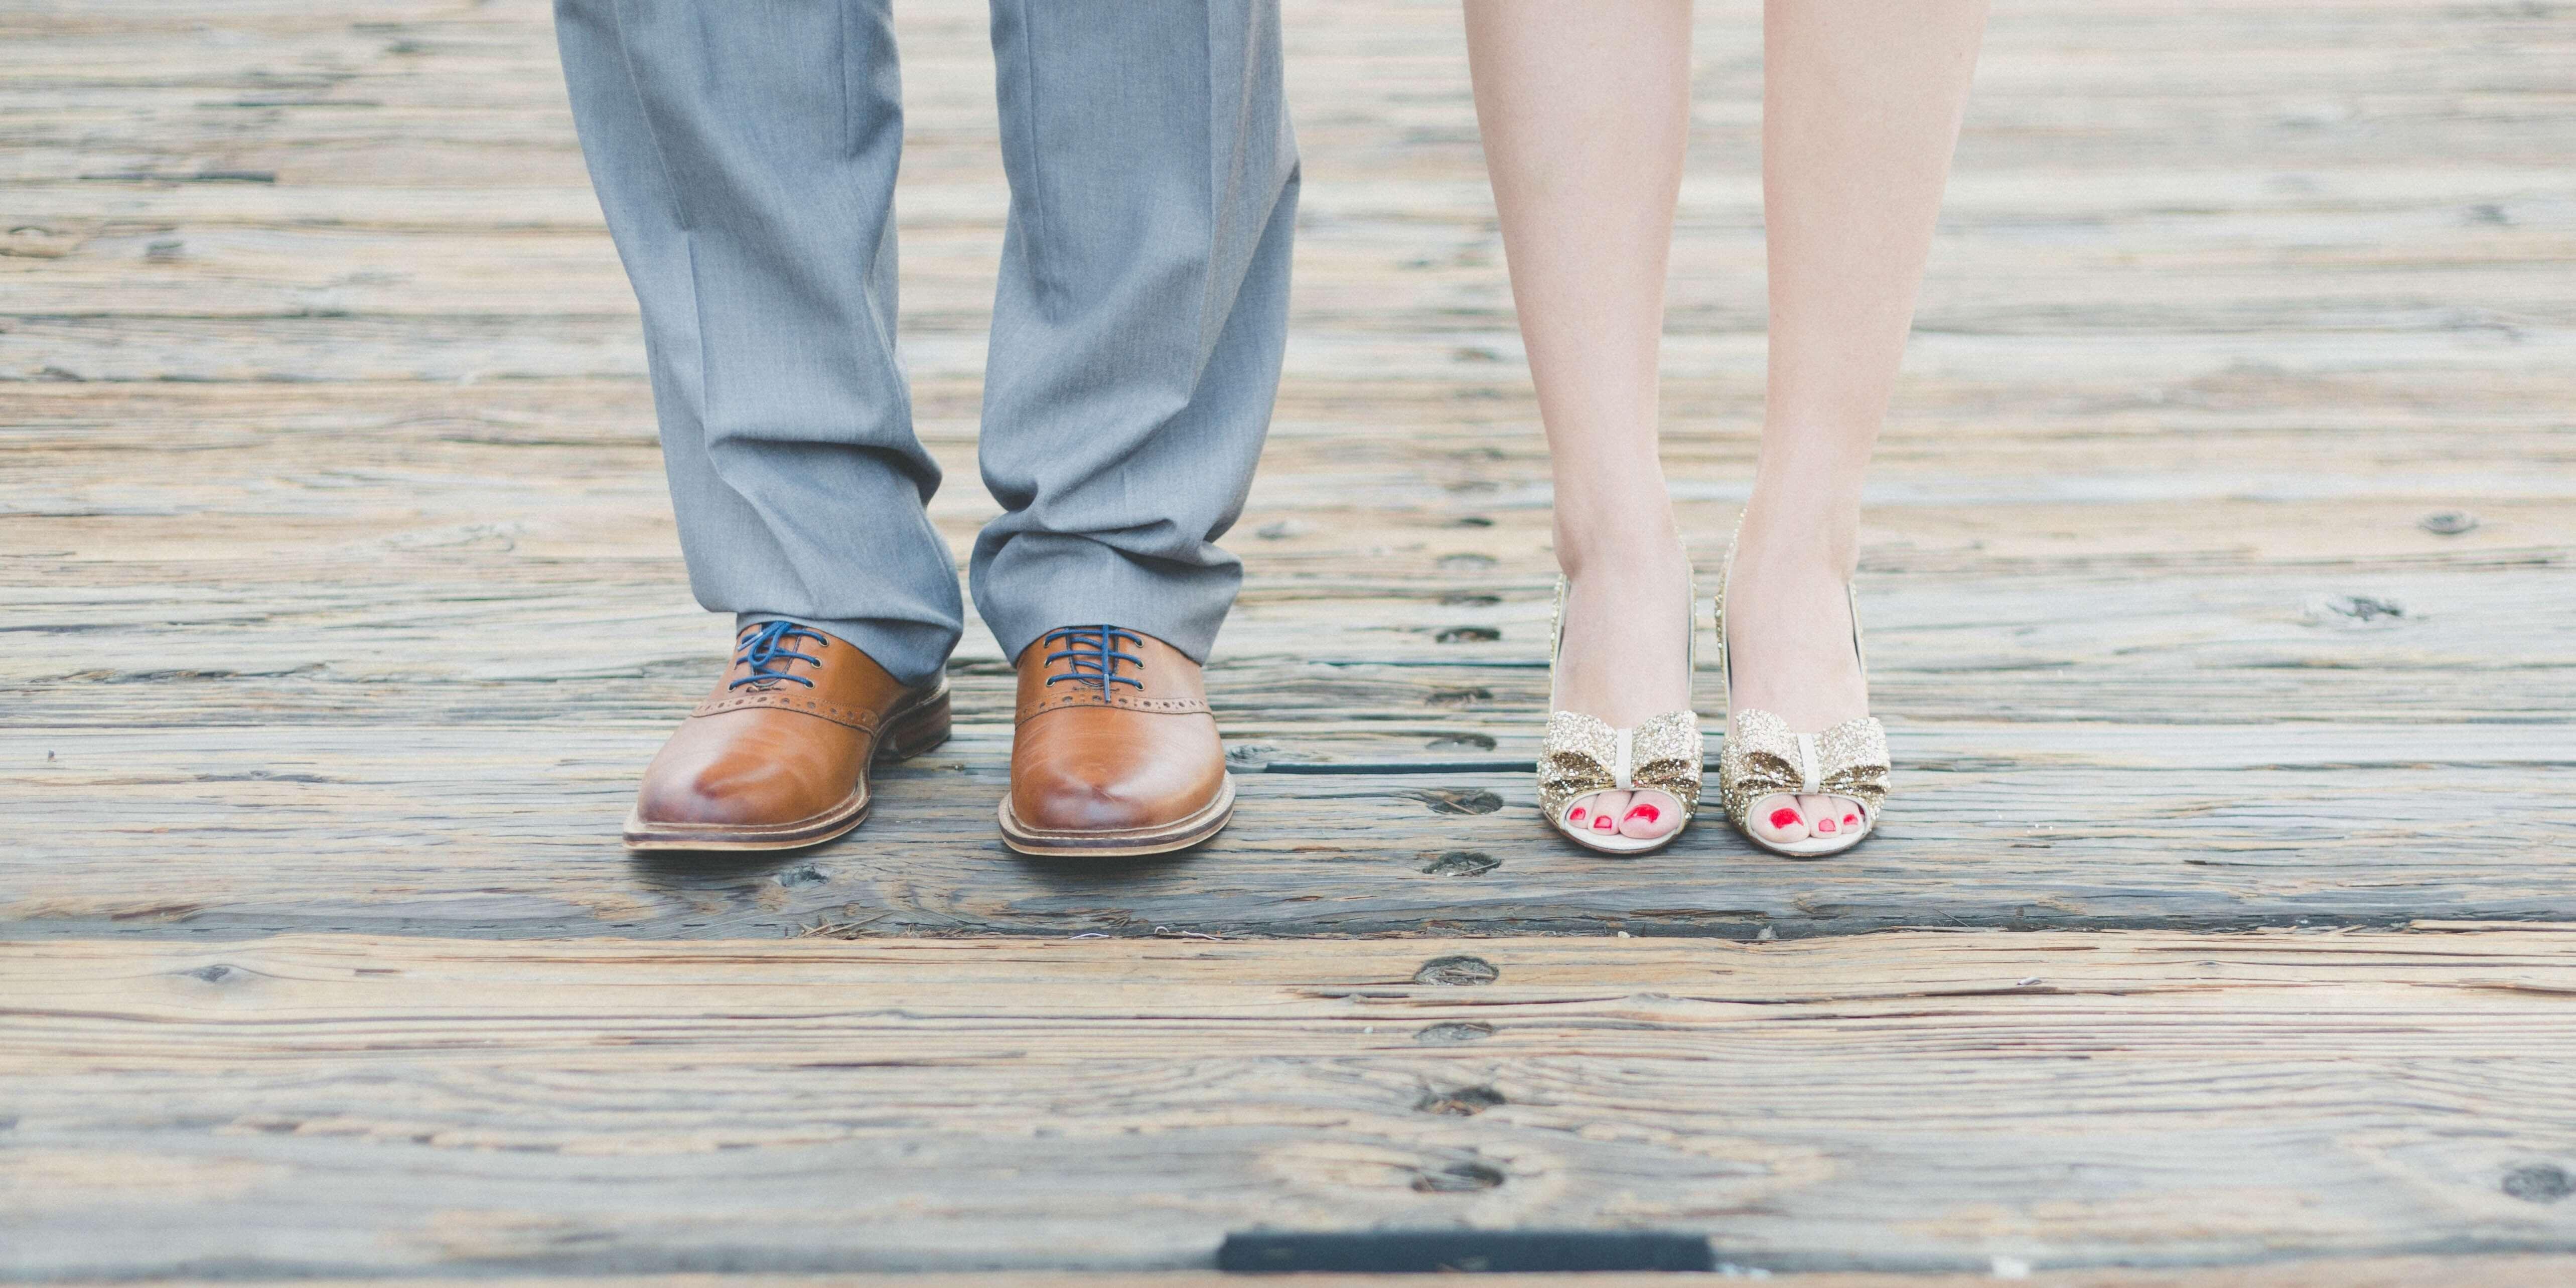 relación de pareja de un hombre y mujer donde solo se ven los zapatos y las piernas